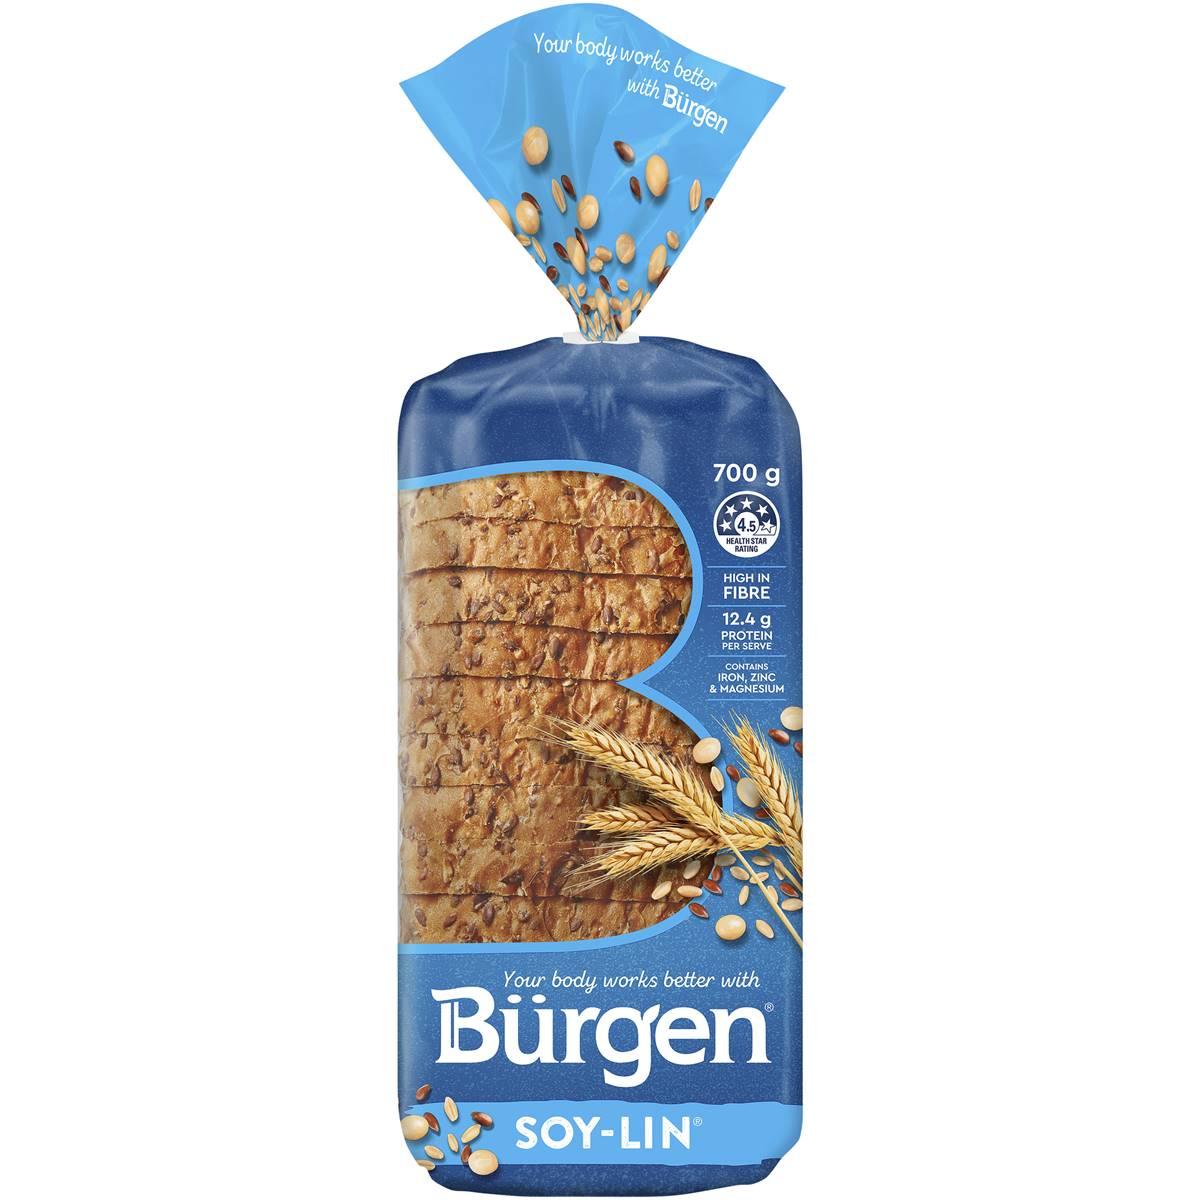 Burgen Bread Soy & Linseed